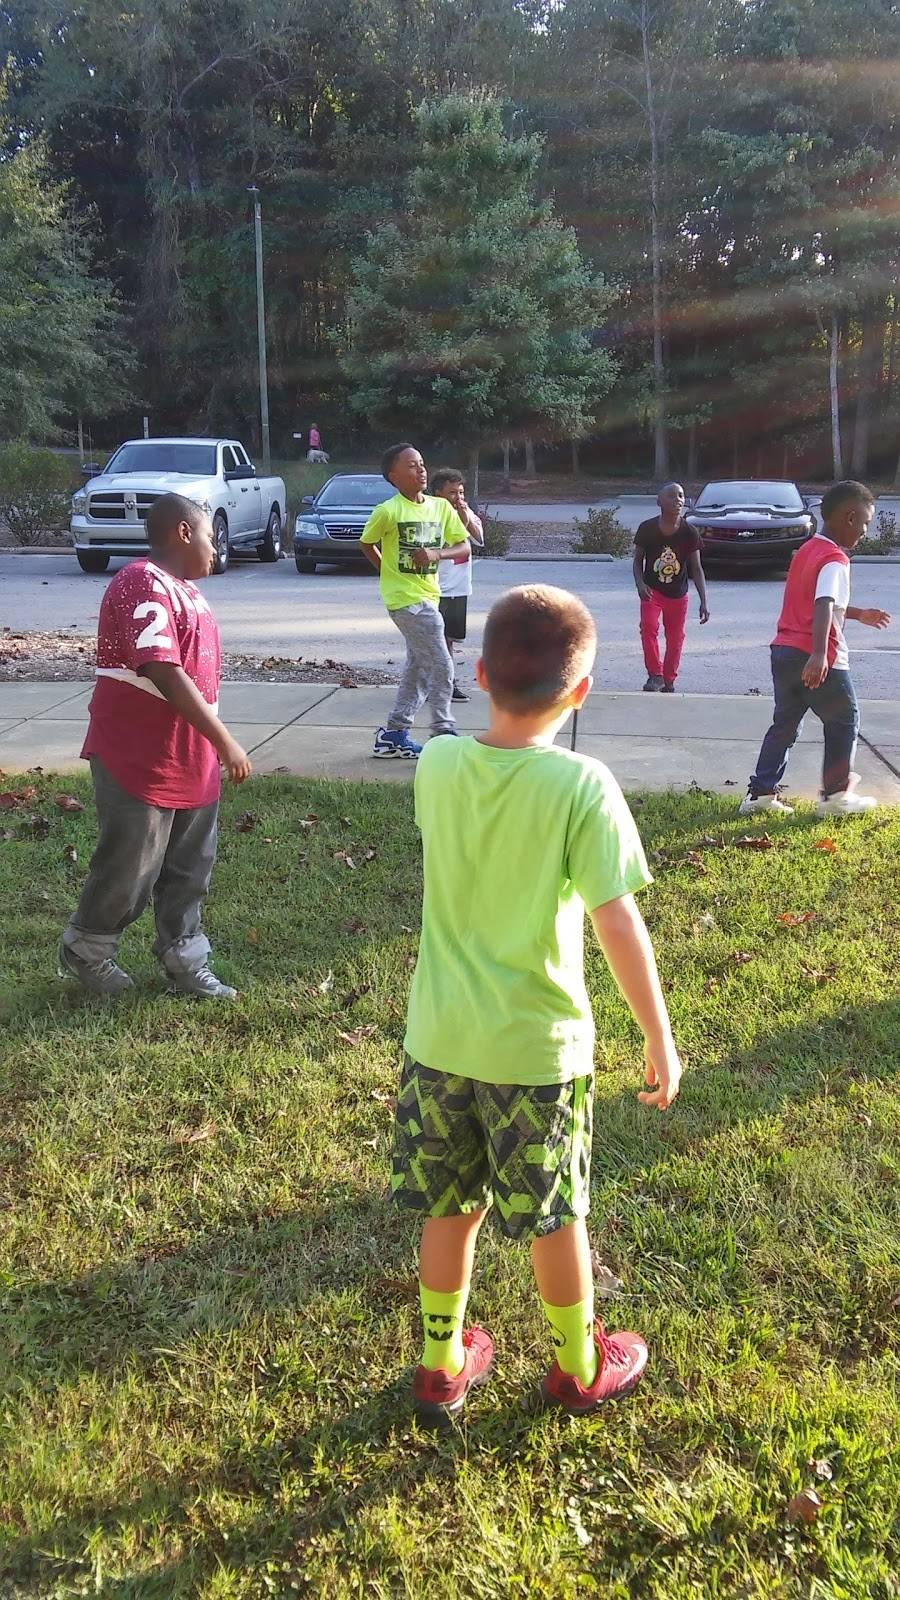 South Garner Park - park  | Photo 4 of 6 | Address: 1210 Poole Dr, Garner, NC 27529, USA | Phone: (919) 773-4442